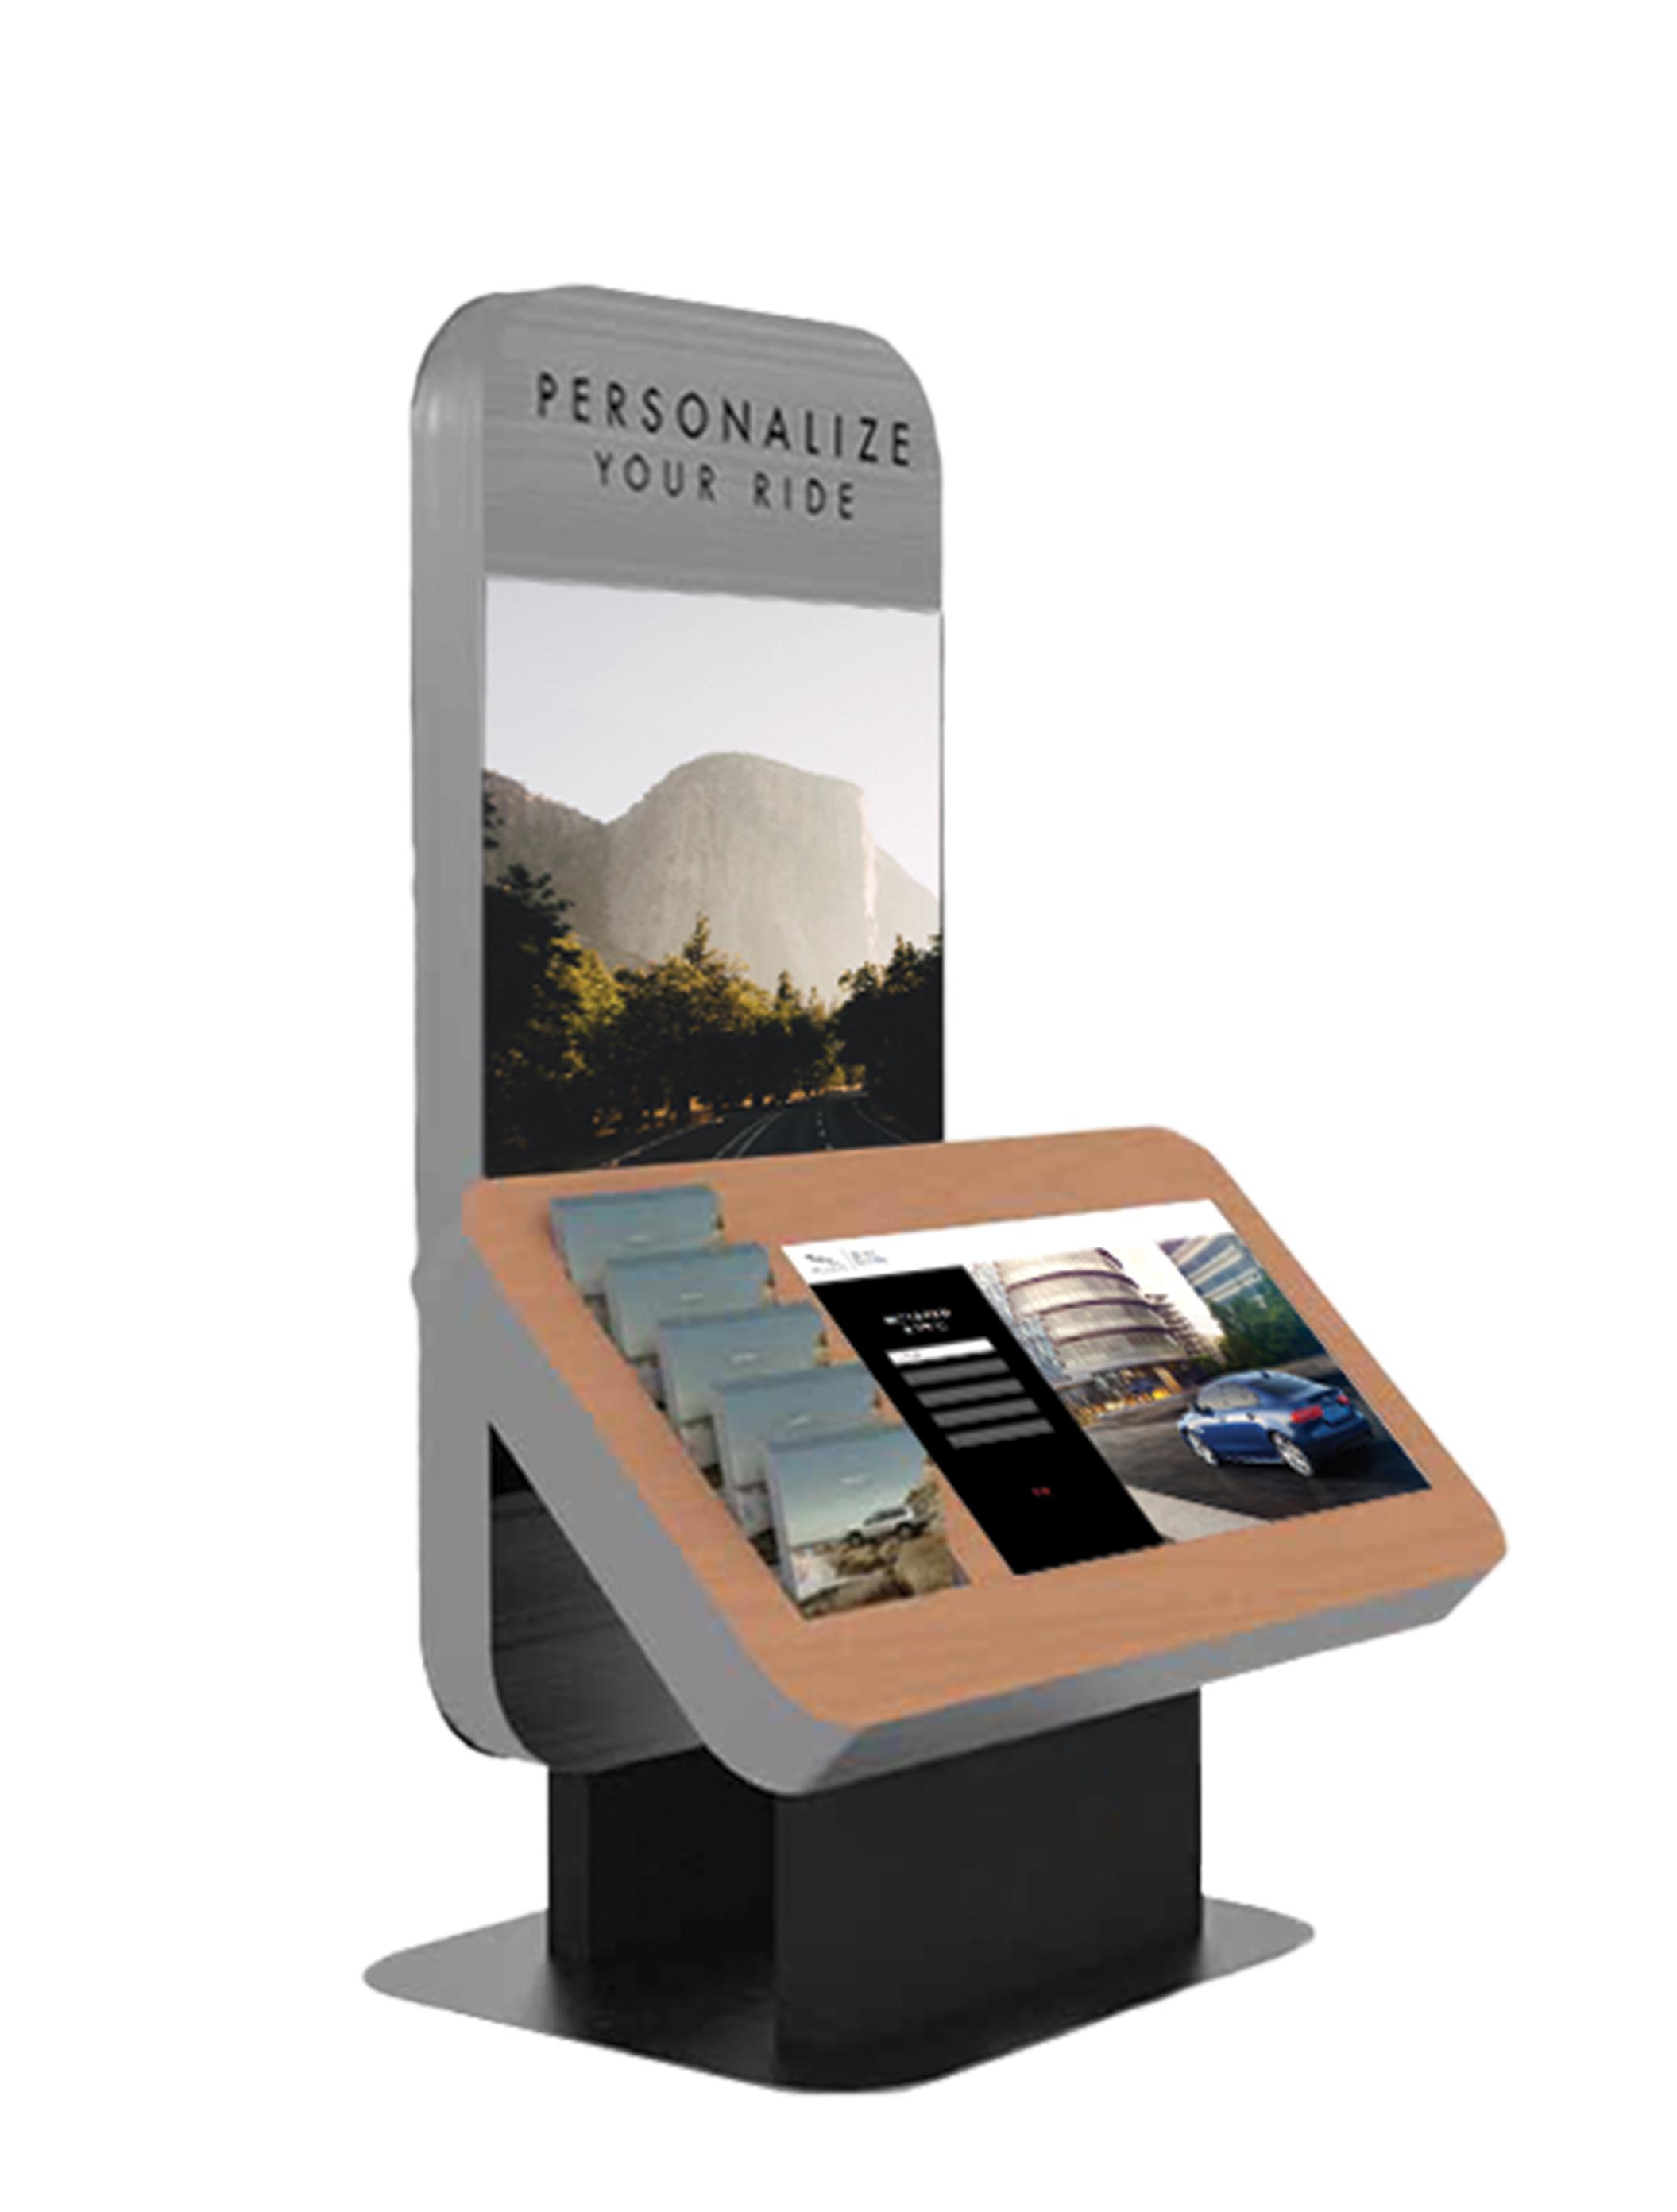 42-inch kiosk